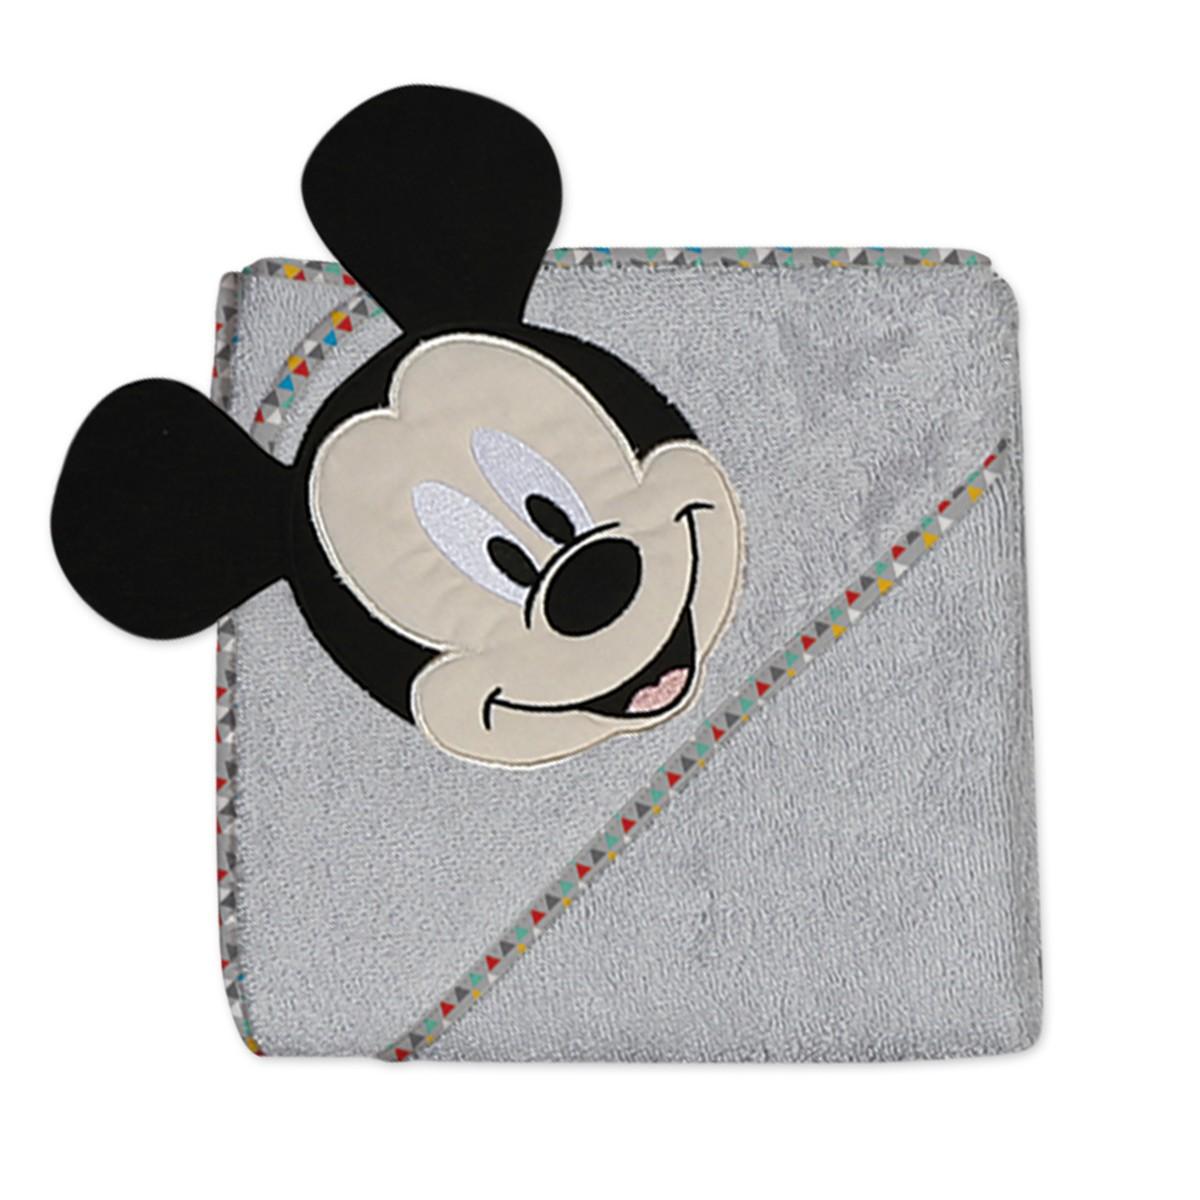 Βρεφική Κάπα Nef-Nef Disney Mickey Smile home   βρεφικά   κάπες βρεφικές